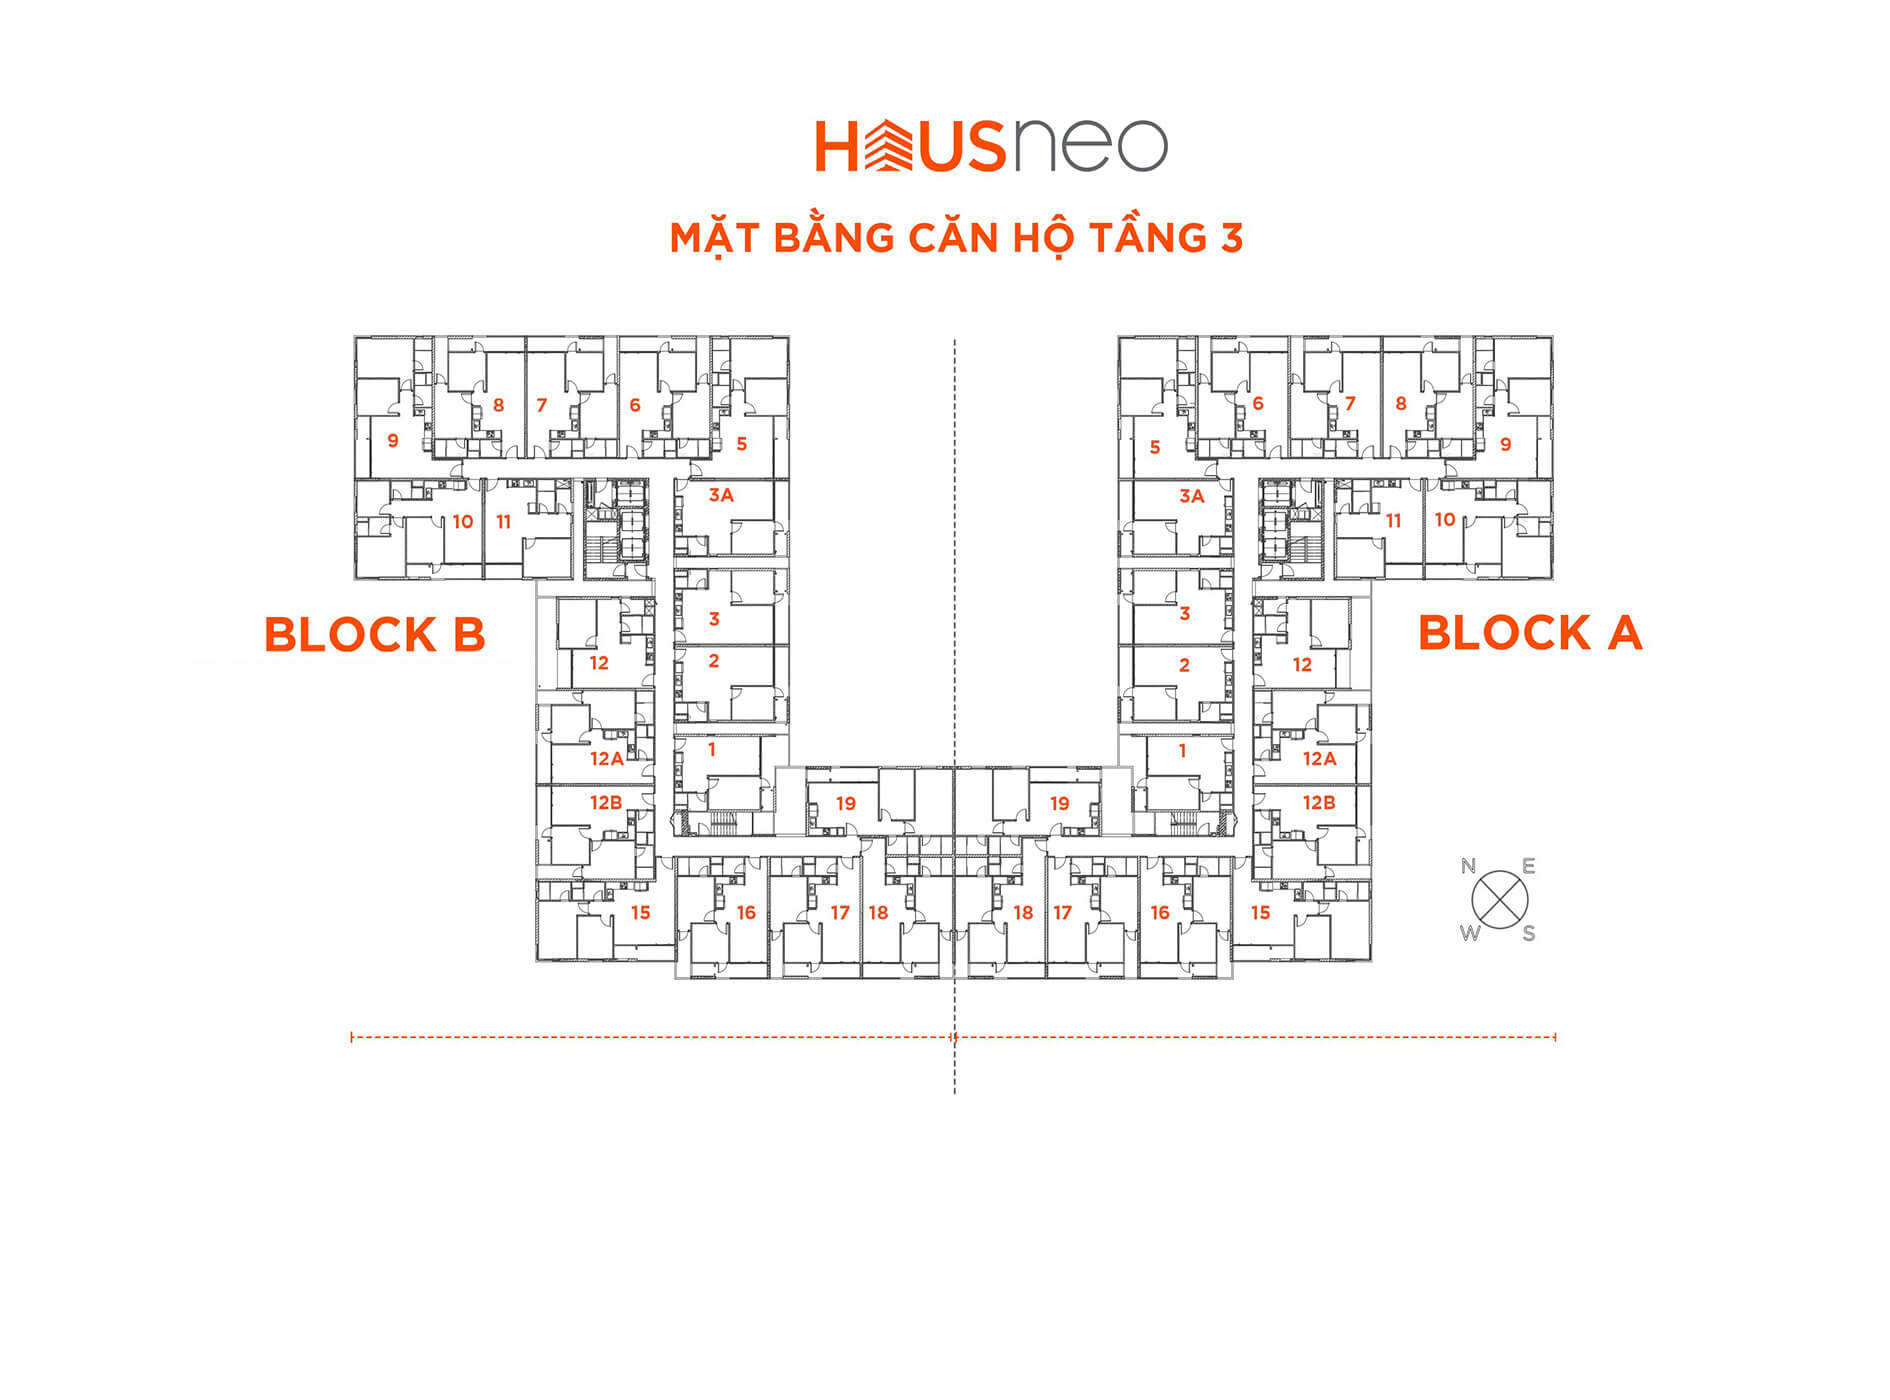 Mặt bằng căn hộ tầng 3 dự án Hausneo